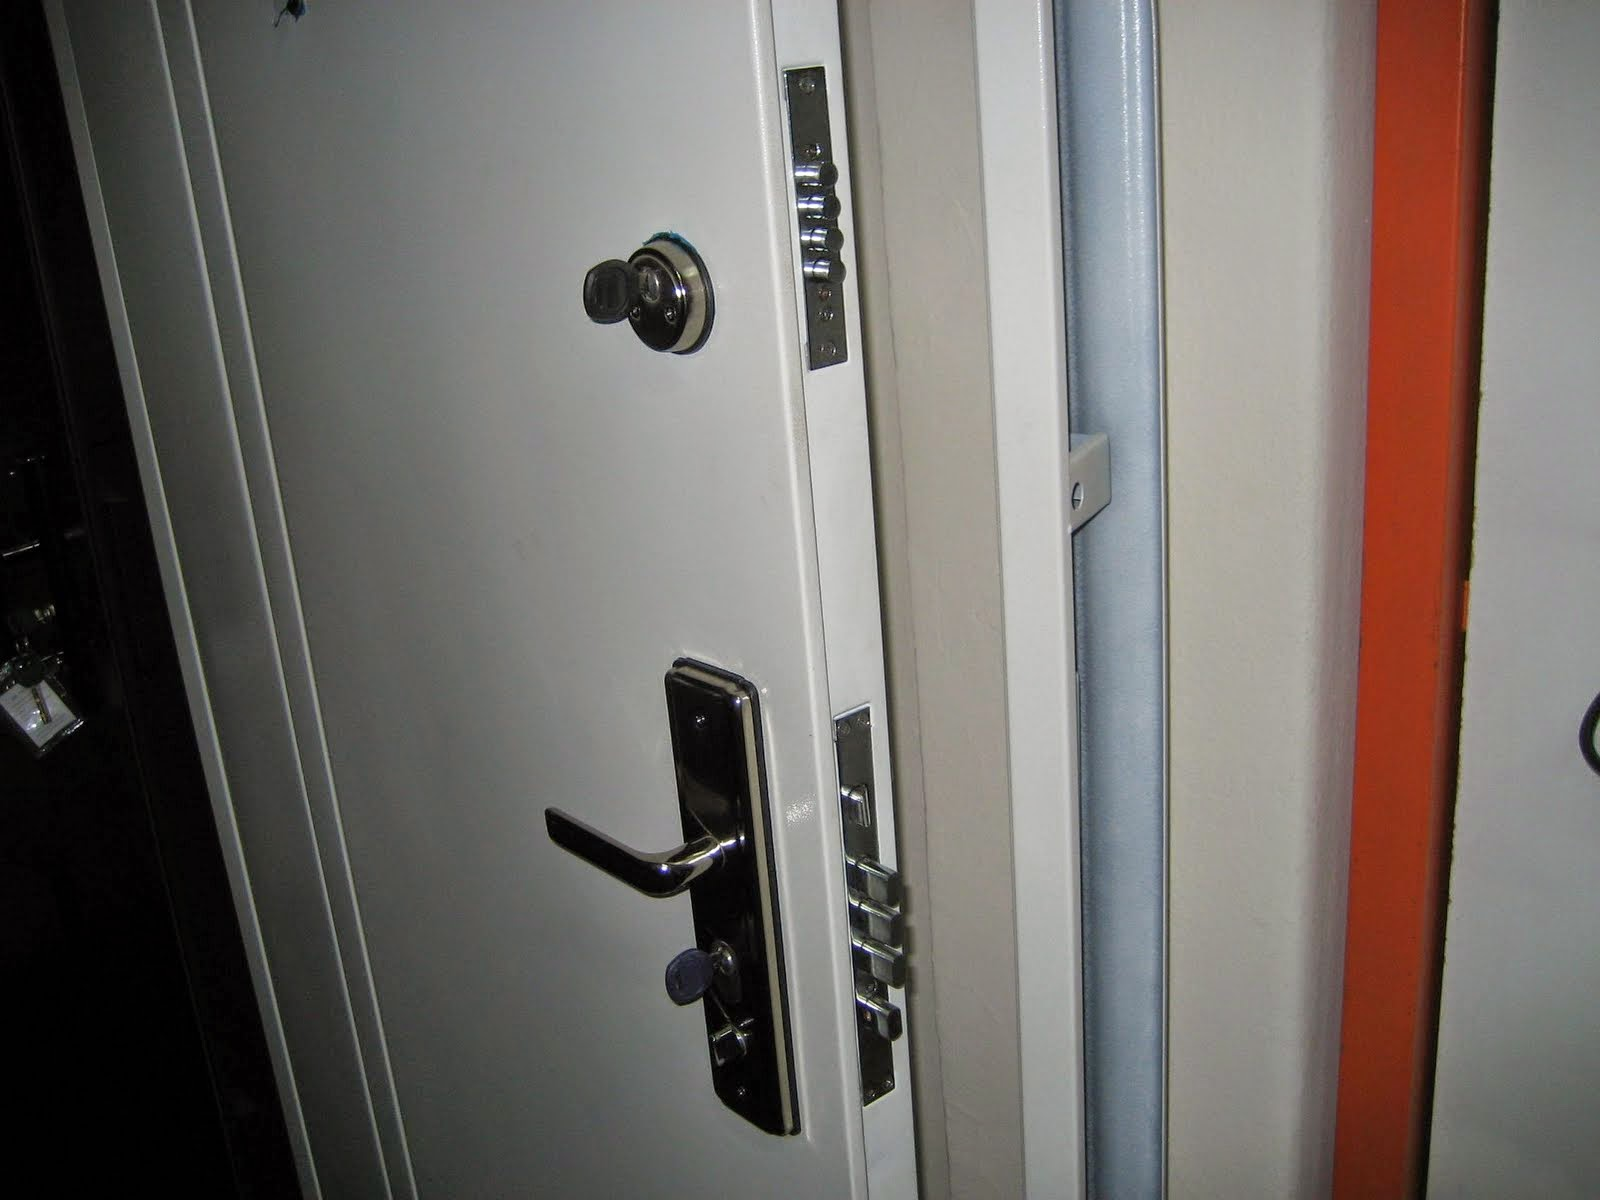 Instalaci n de puertas de acero reforzado para trasteros for Puerta trastero seguridad